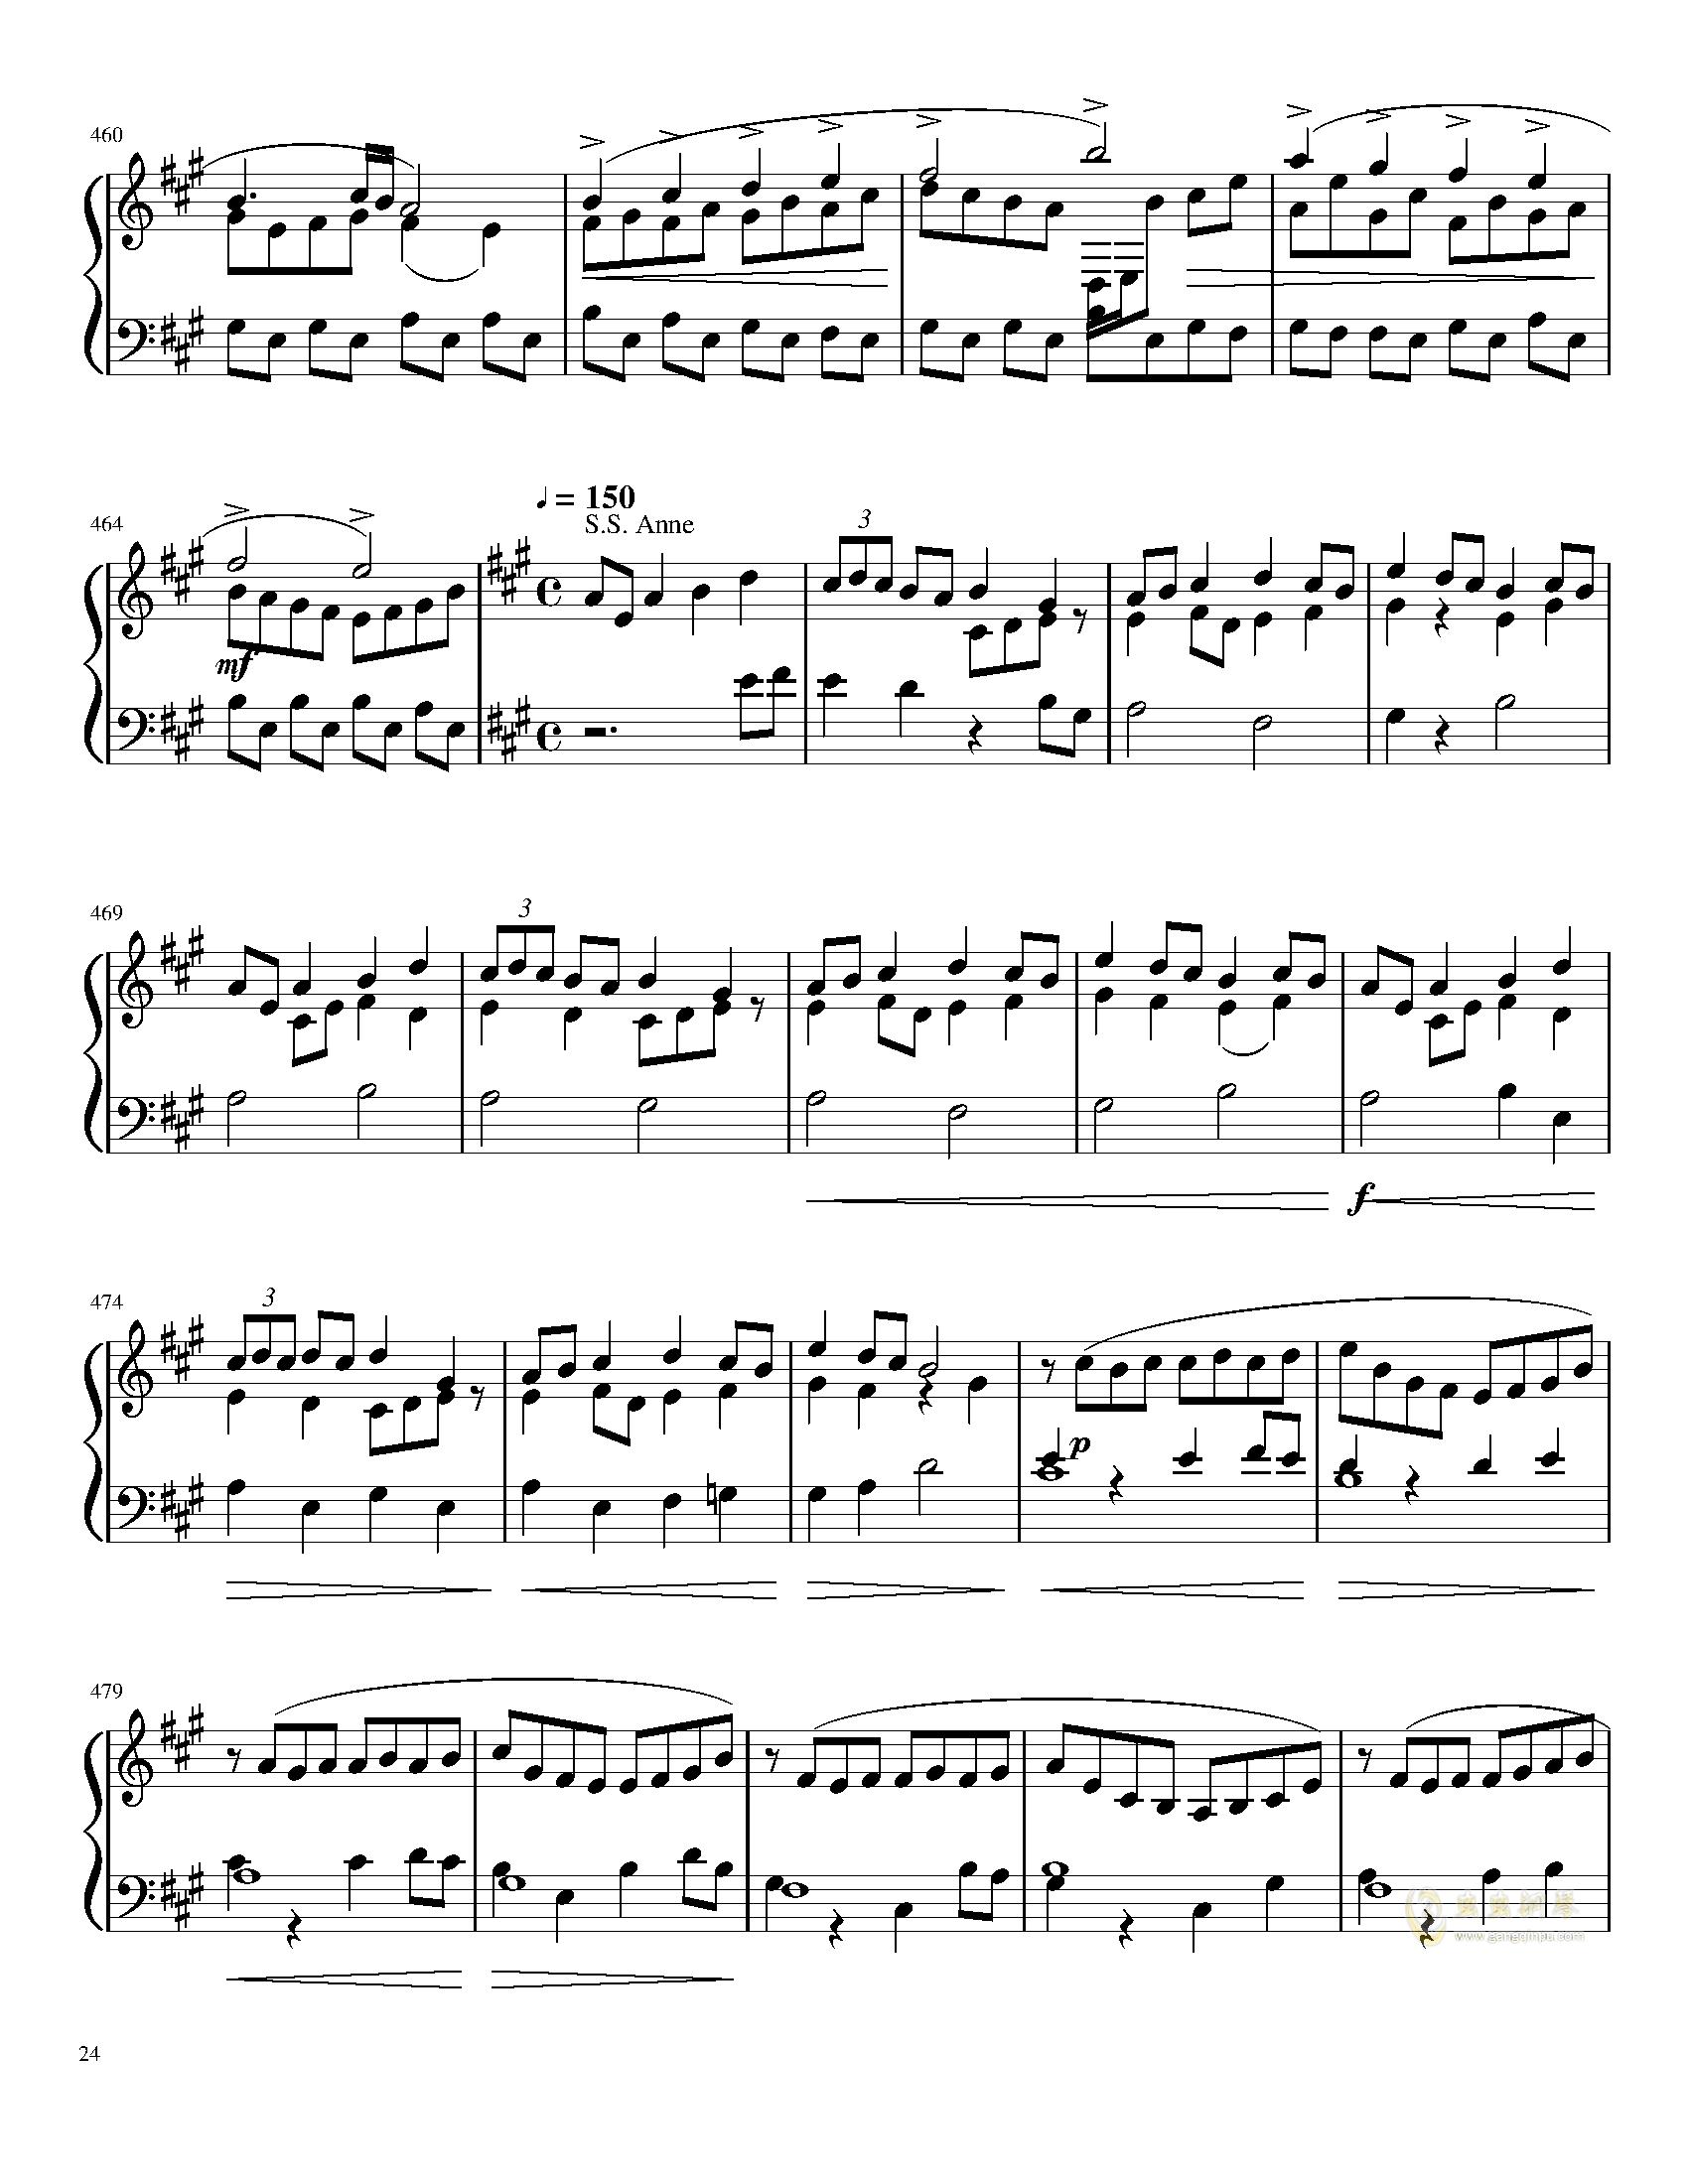 口袋妖怪初代全BGM串烧钢琴谱 第24页